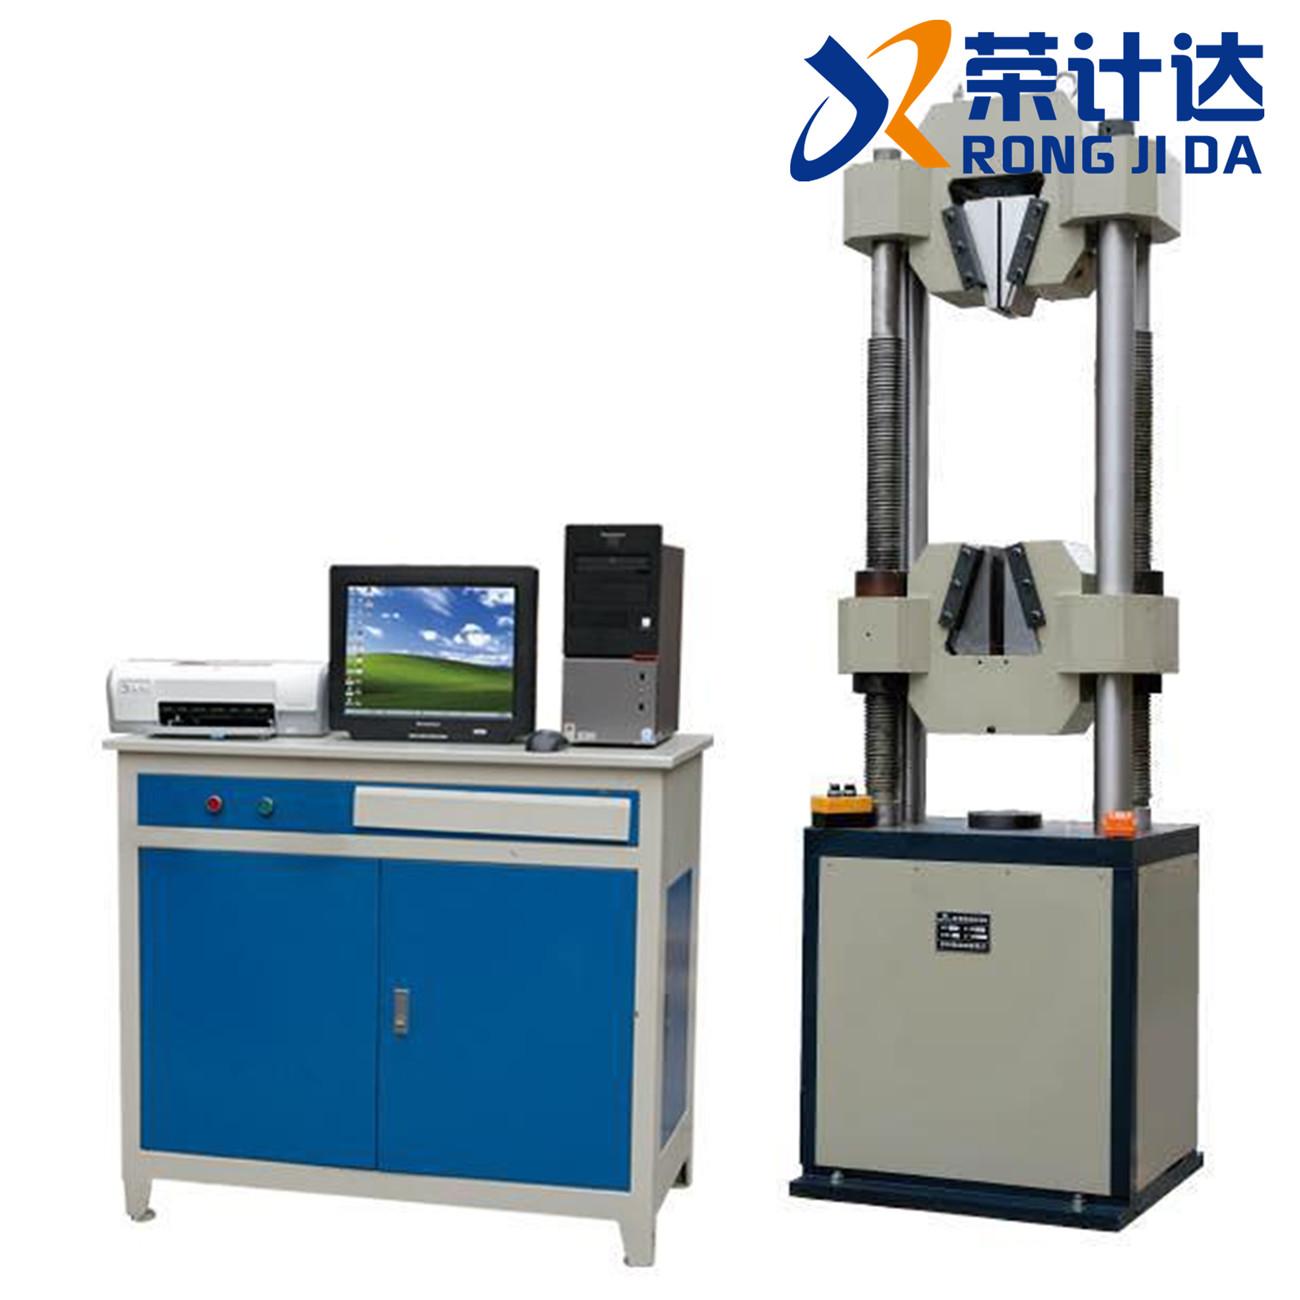 WES-1000B钢绞线拉伸试验机,钢绞线试验机